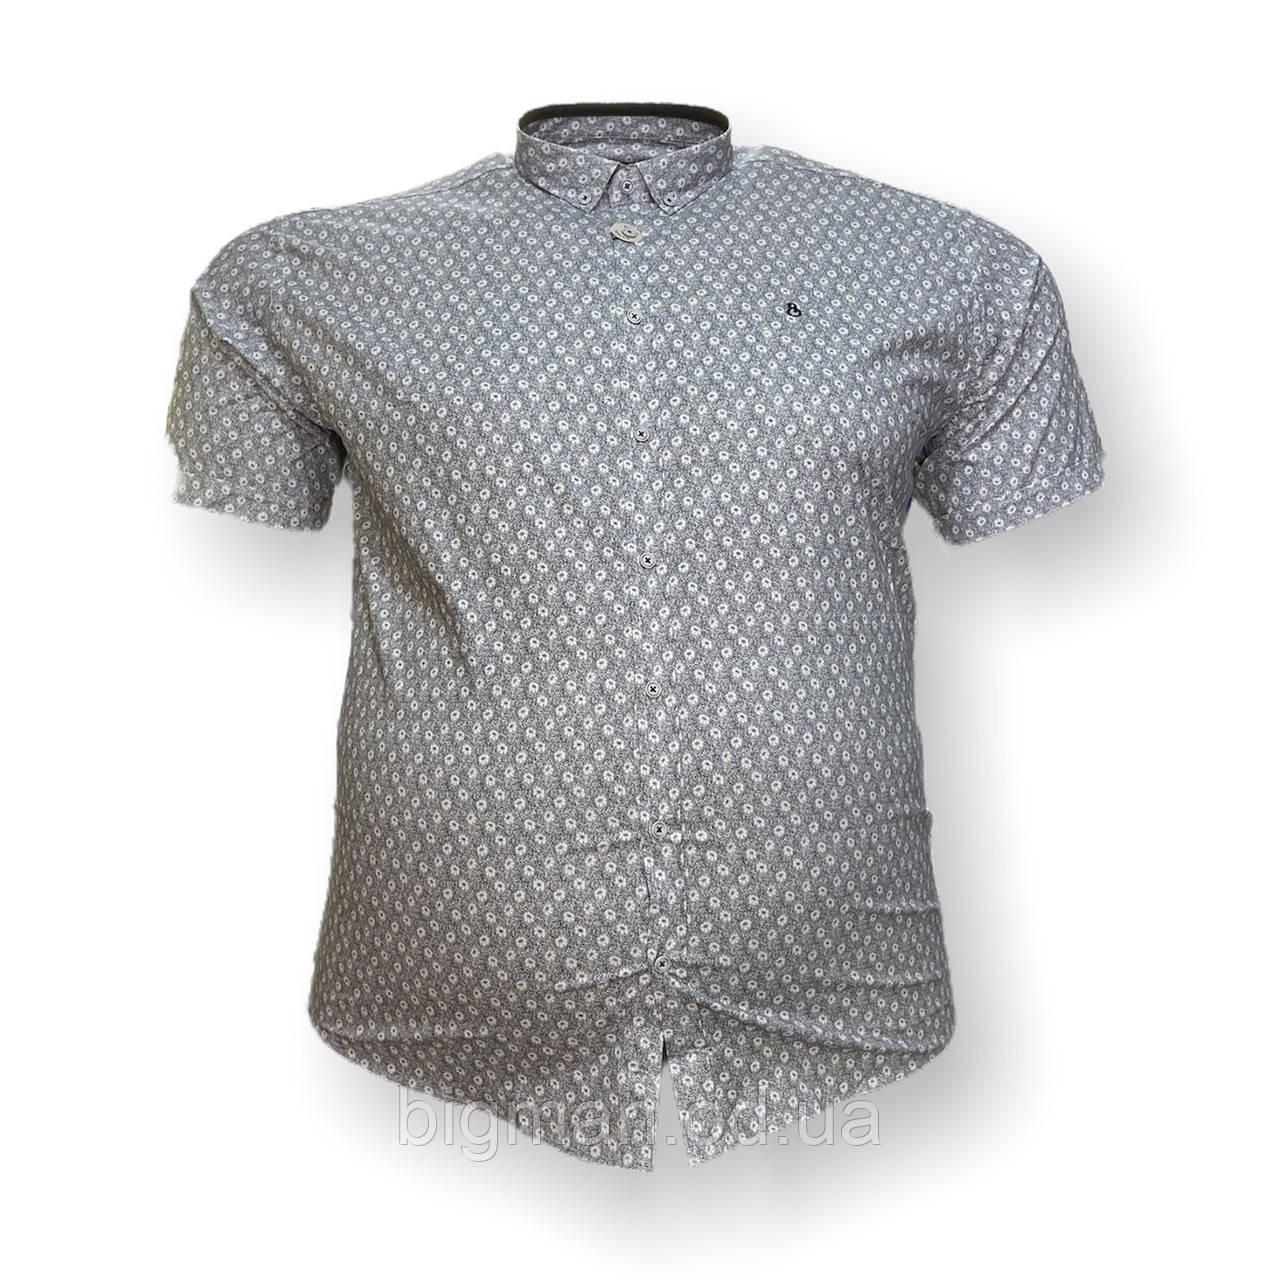 Чоловіча сорочка з коротким рукавом Barcotti 16081 2XL 3XL 4XL 5XL 6XL сіра великі розміри батал Туреччина